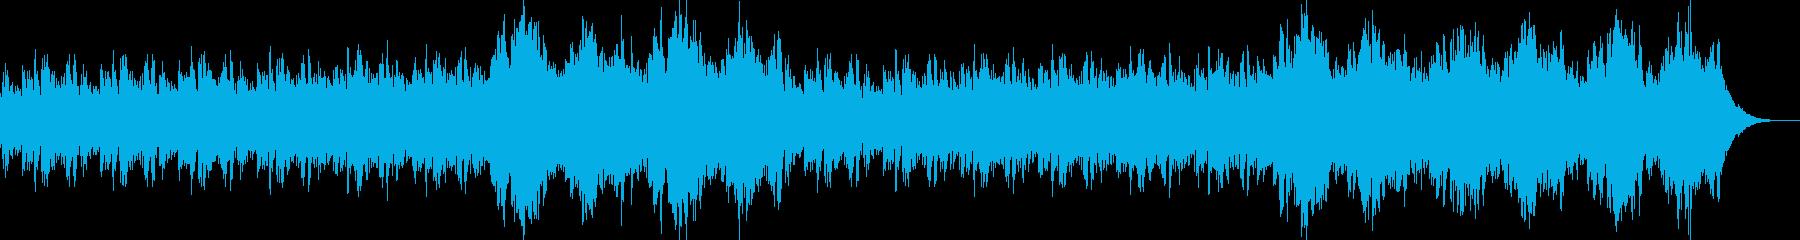 ピアノ、環境音楽ヒーリング-08の再生済みの波形